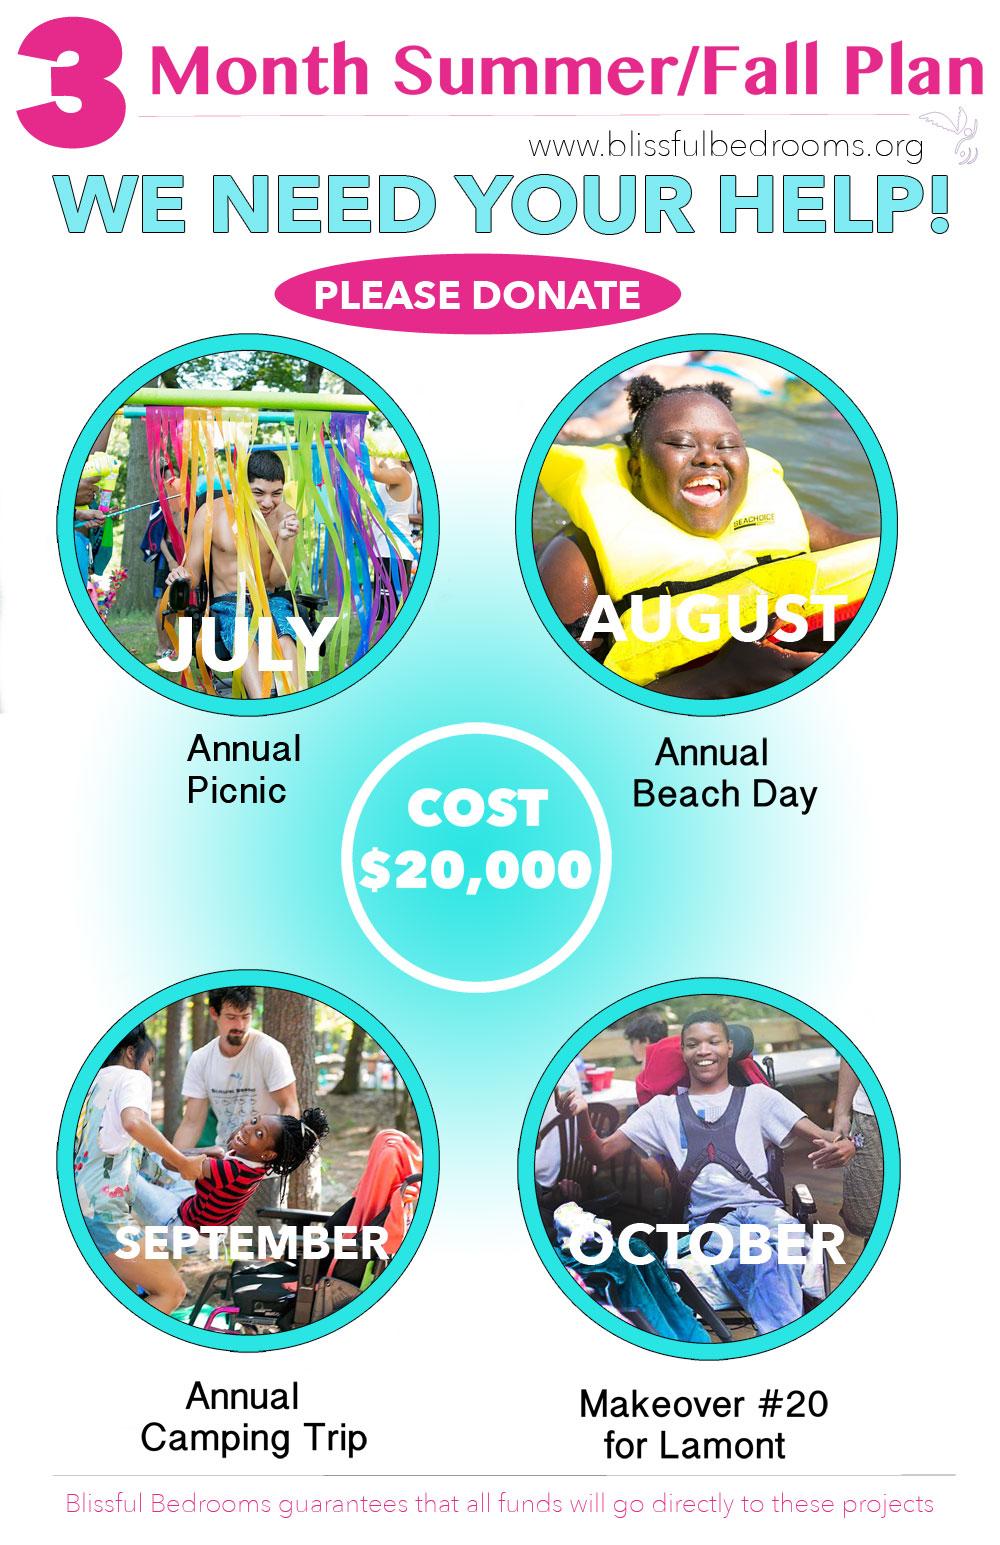 Summer-2017-Fundraiser-3-month-plan